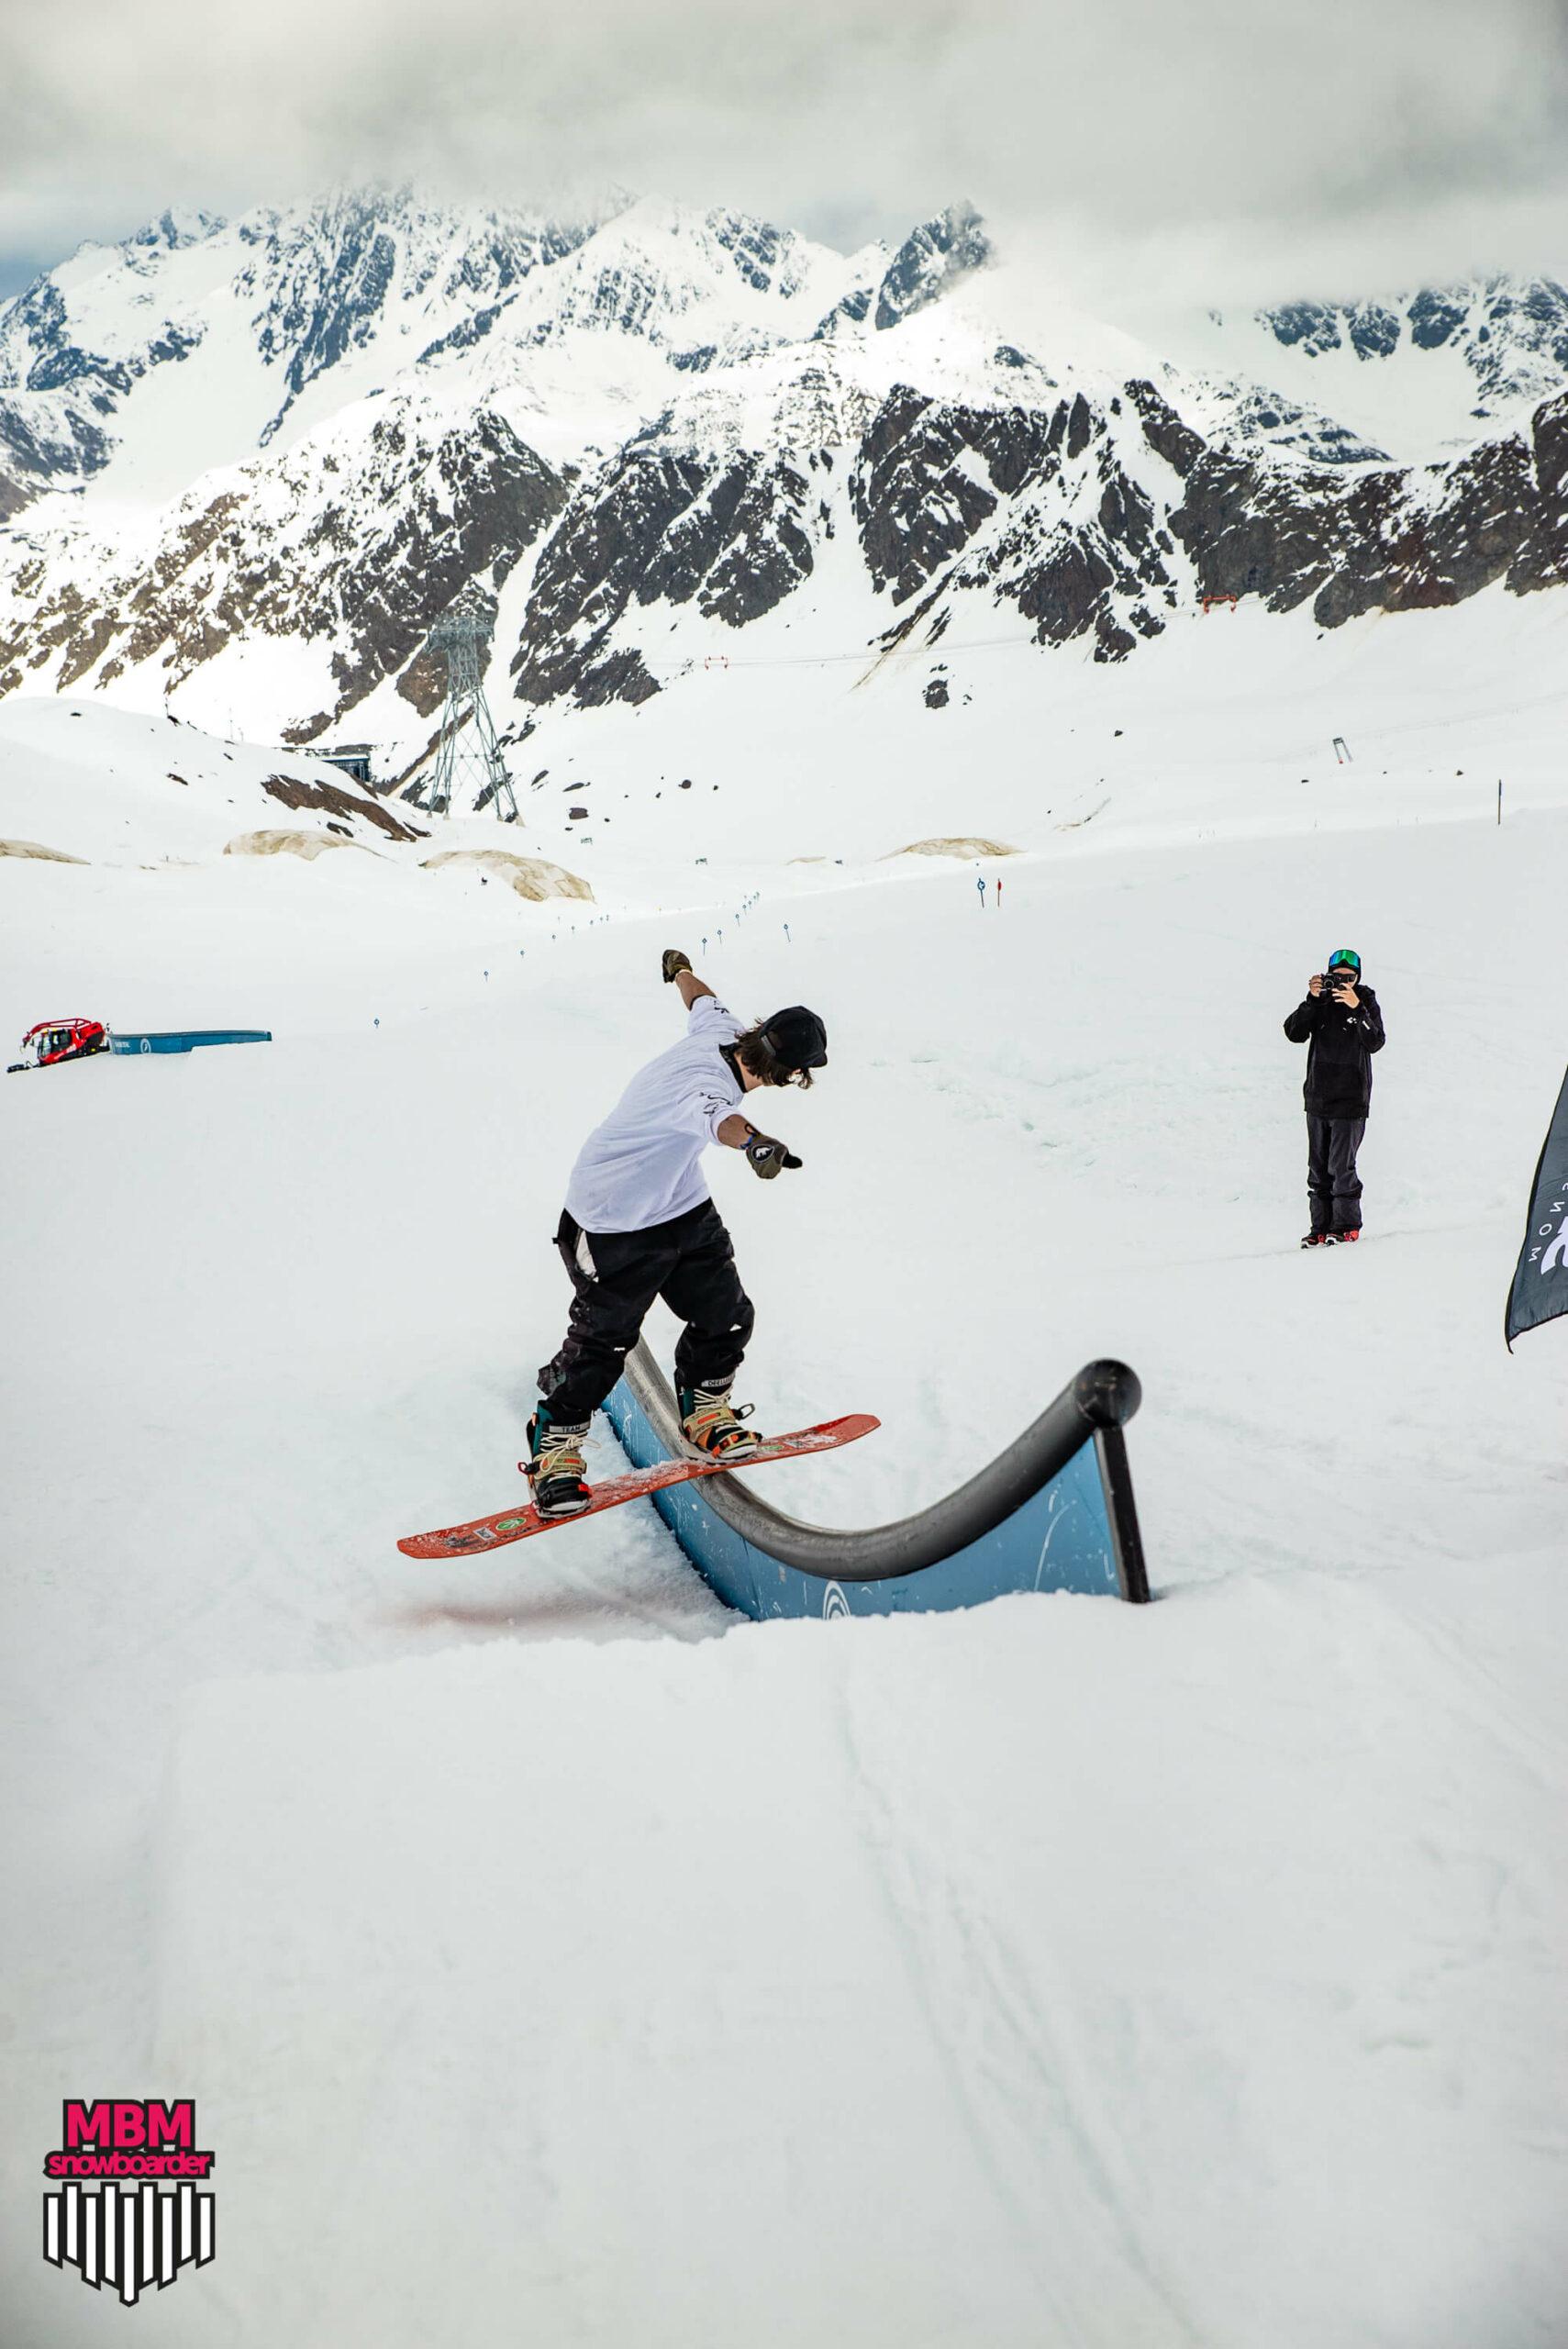 snowboarderMBM_sd_kaunertal_129